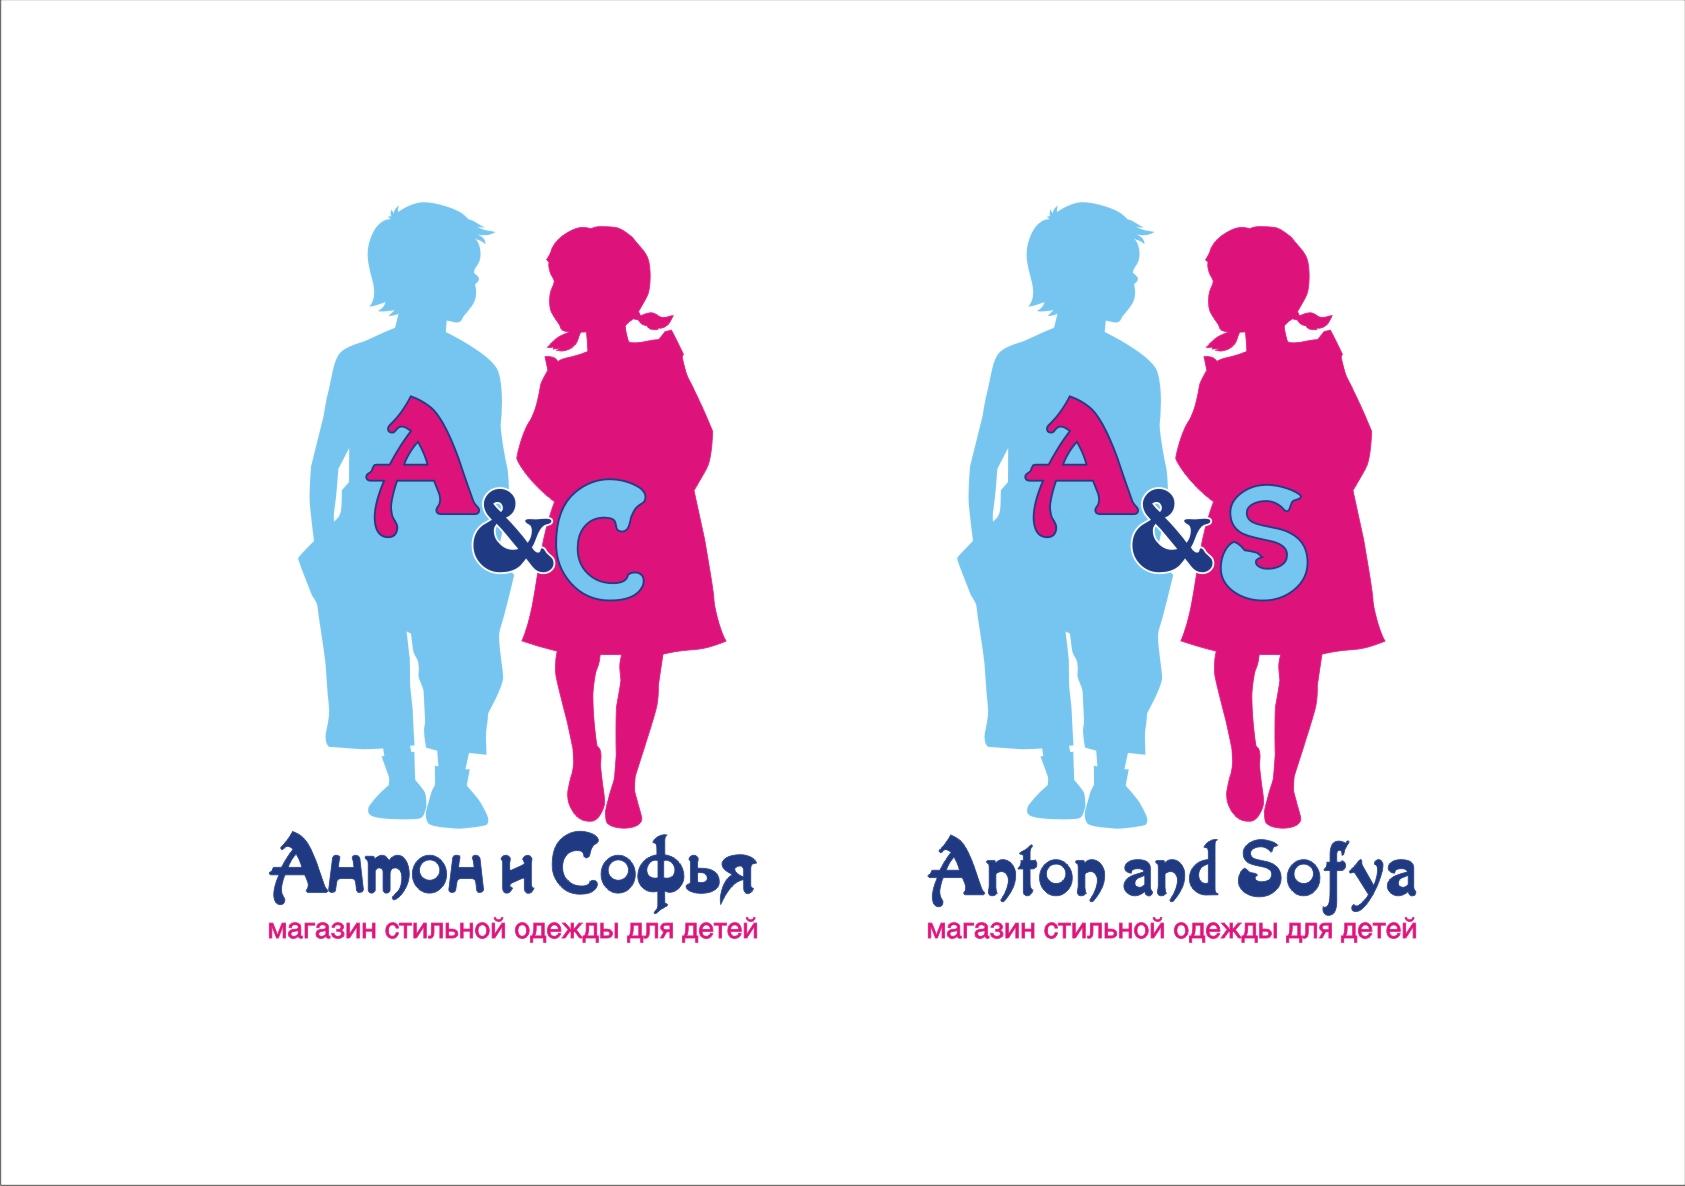 Логотип и вывеска для магазина детской одежды фото f_4c87d3306a7ac.jpg